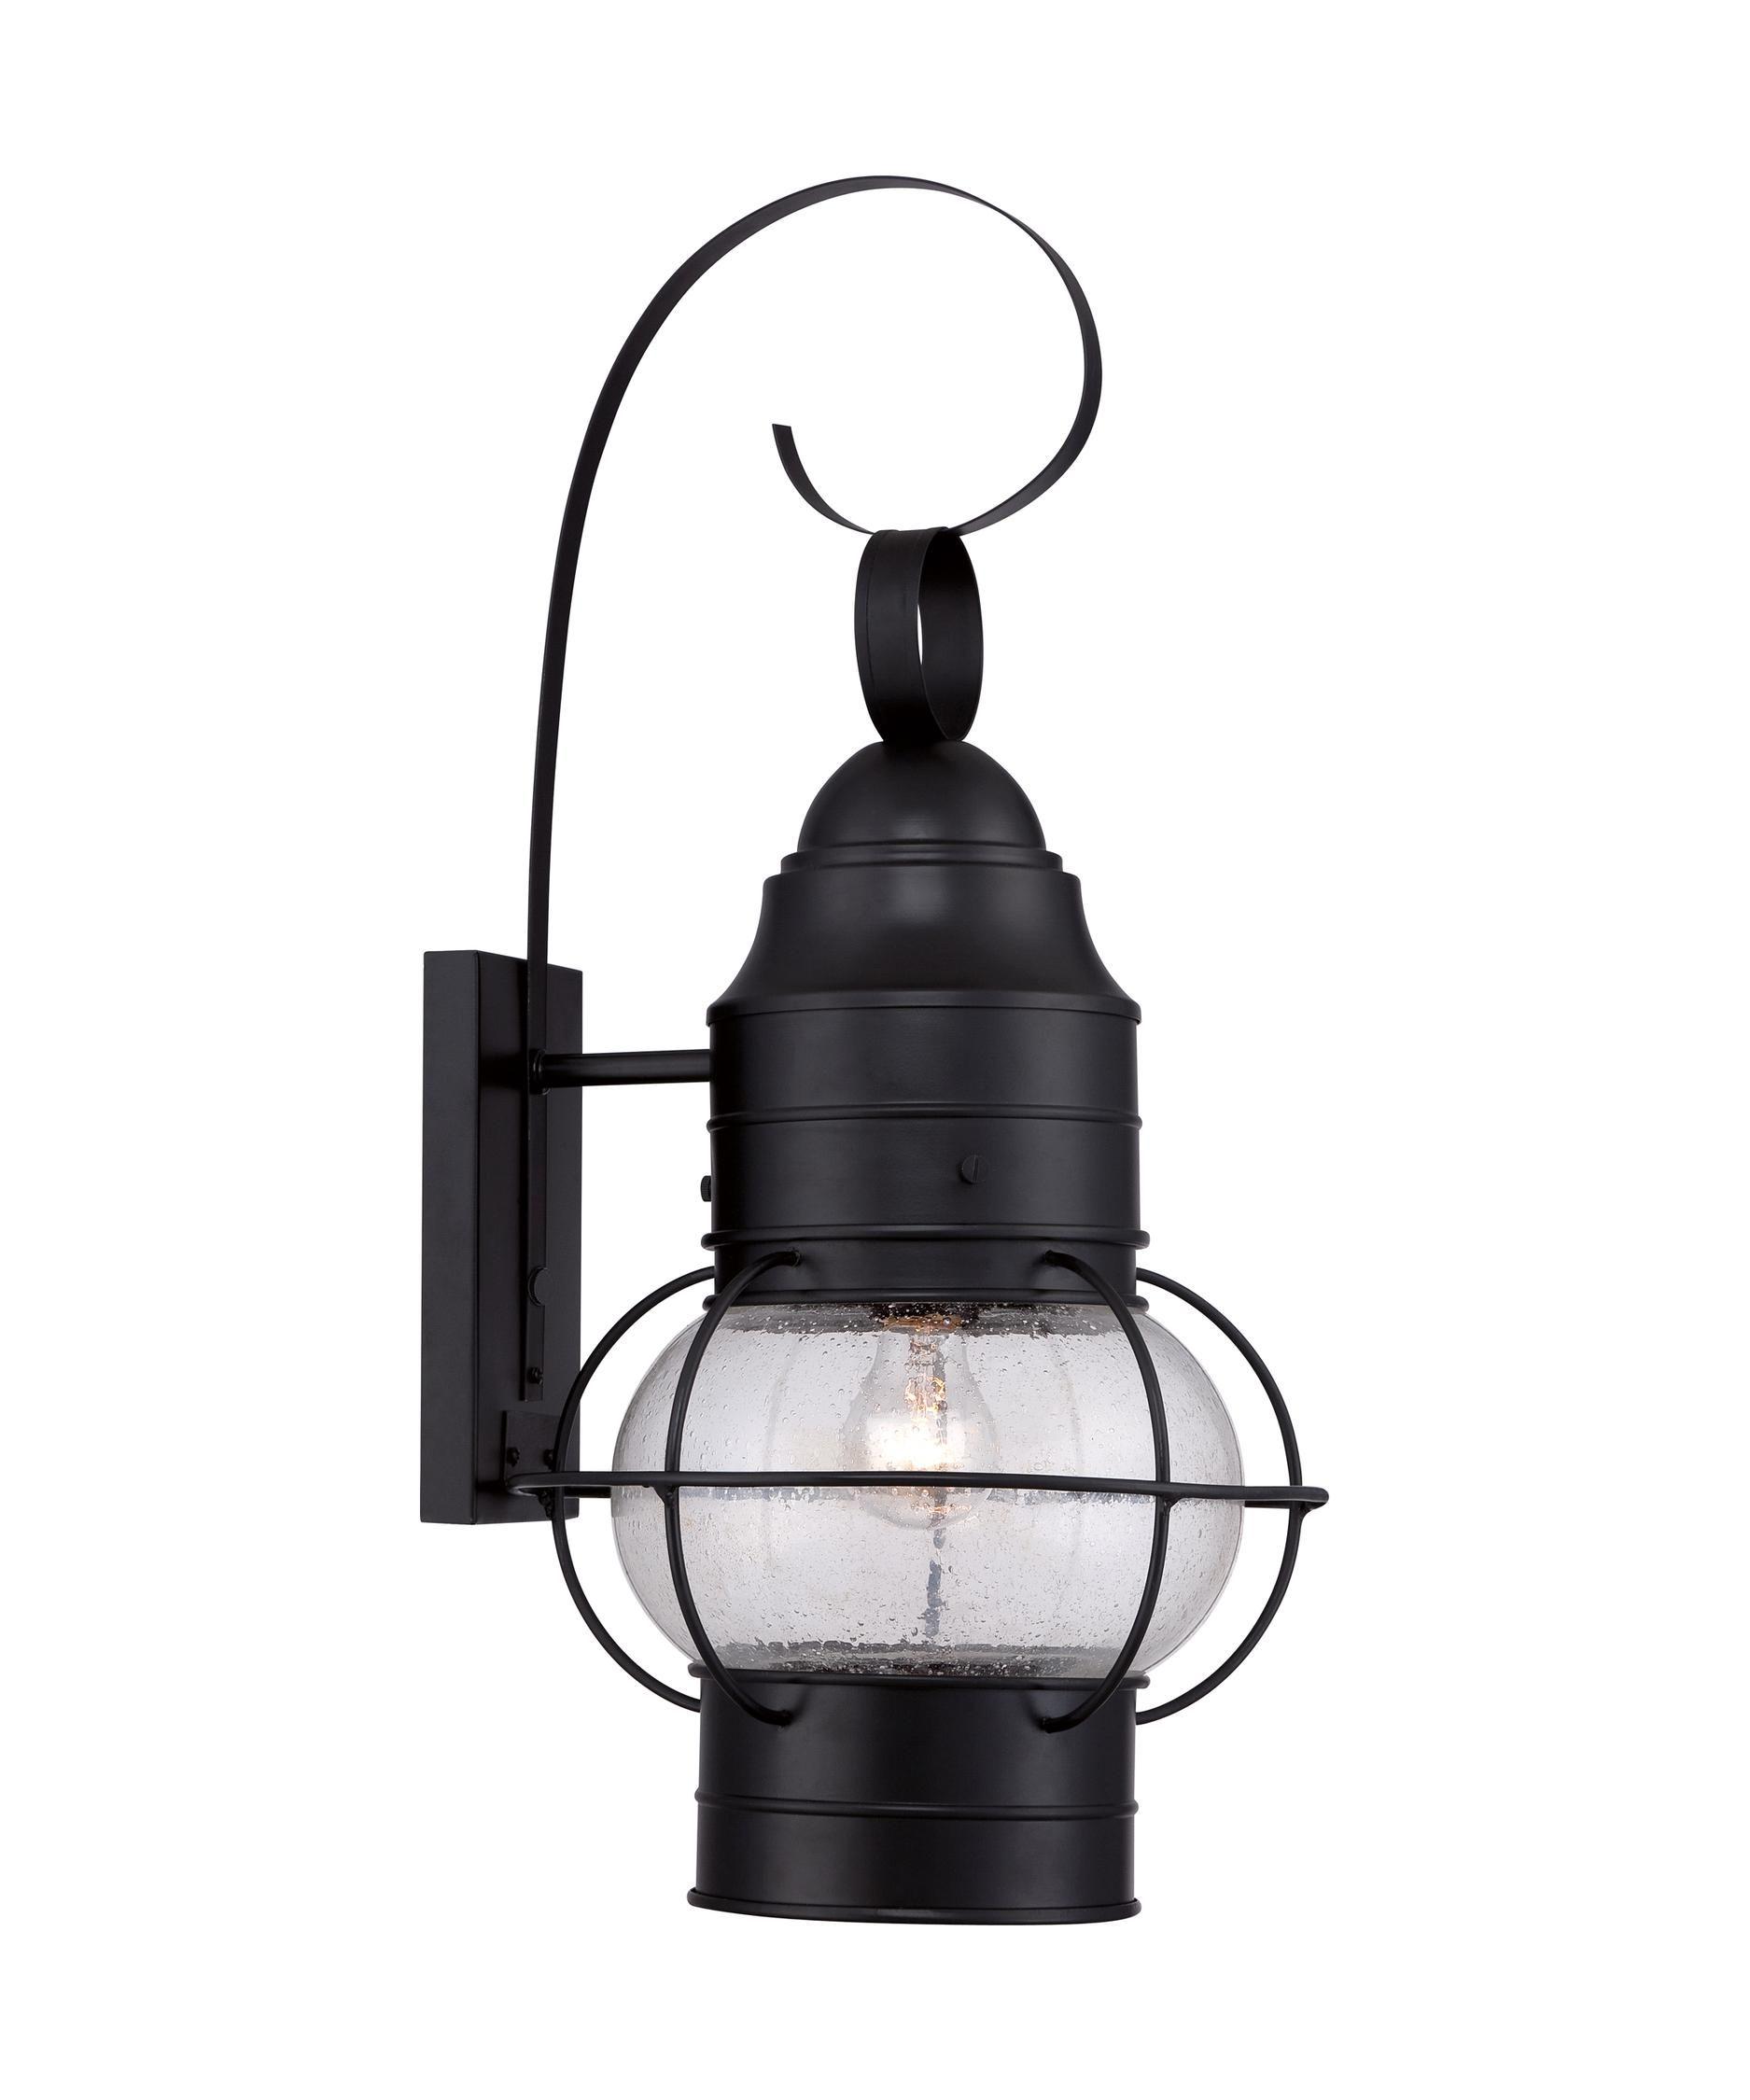 Quoizel Cor8412 Cooper 1 Light Outdoor Wall Light Black Outdoor Wall Lights Outdoor Wall Lighting Outdoor Wall Lantern